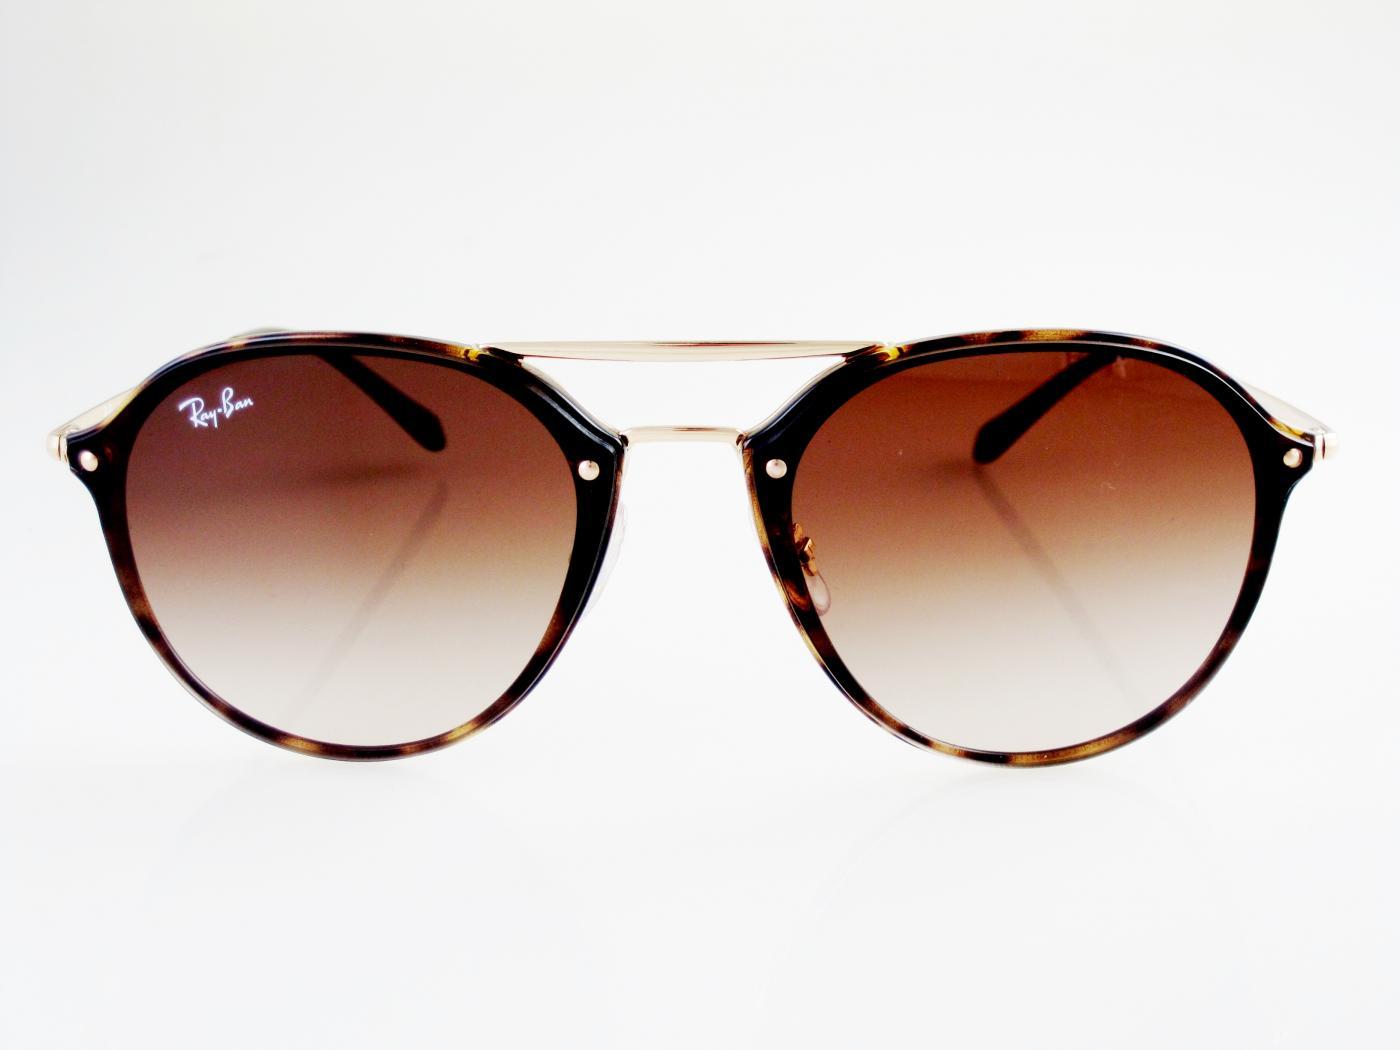 Unisex slnečné okuliare Ray Ban - Blaze Round 5bf8648a1f1